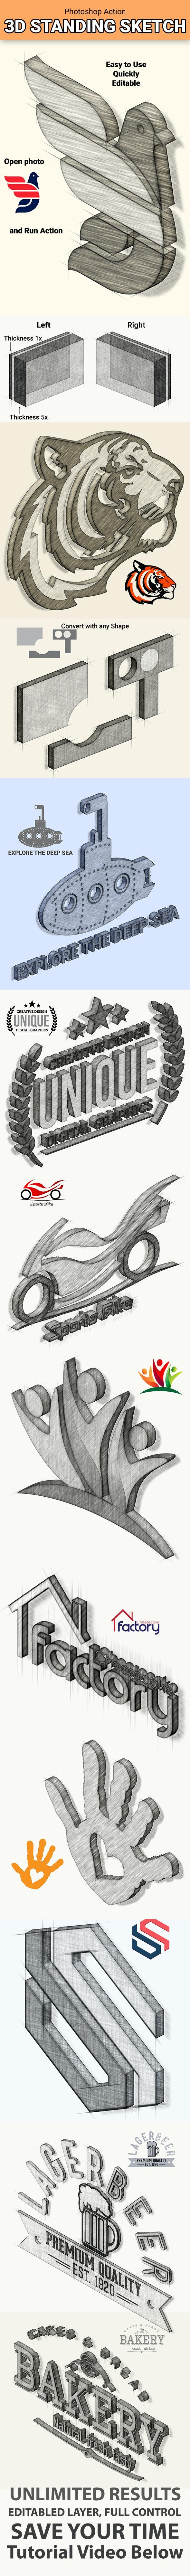 3D Standing Sketch - Utilities Actions